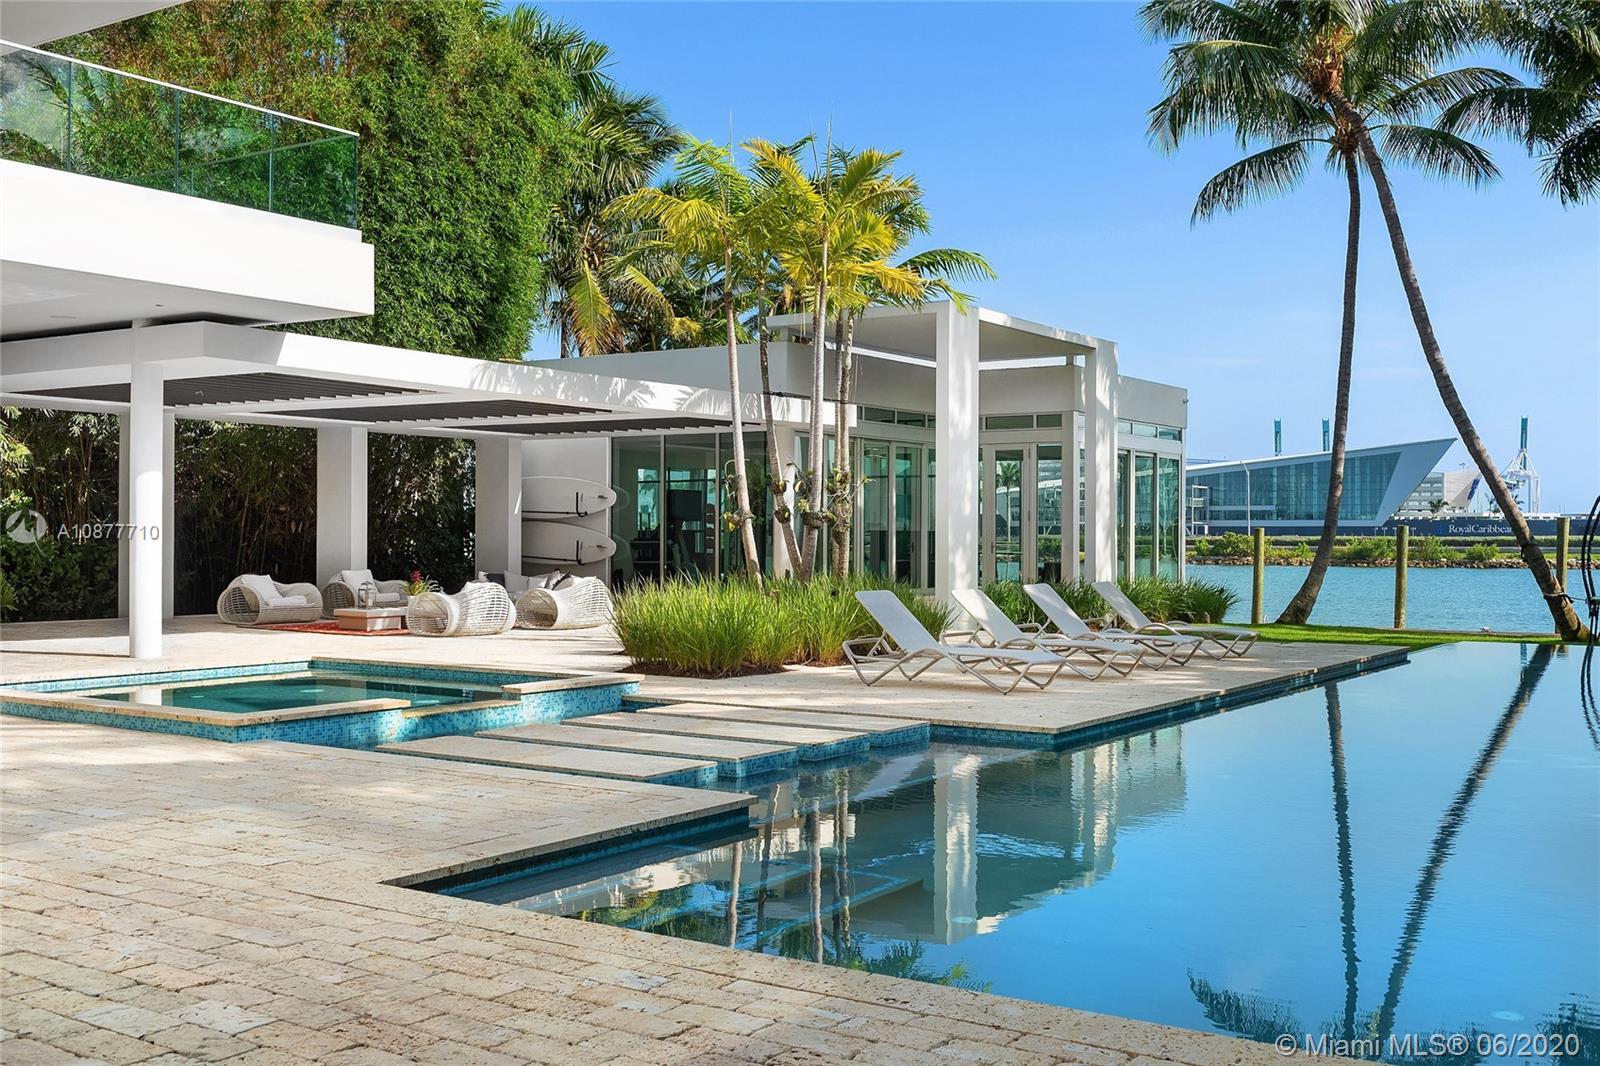 30 Palm ave- miami-beach-fl-33139-a10877710-Pic75